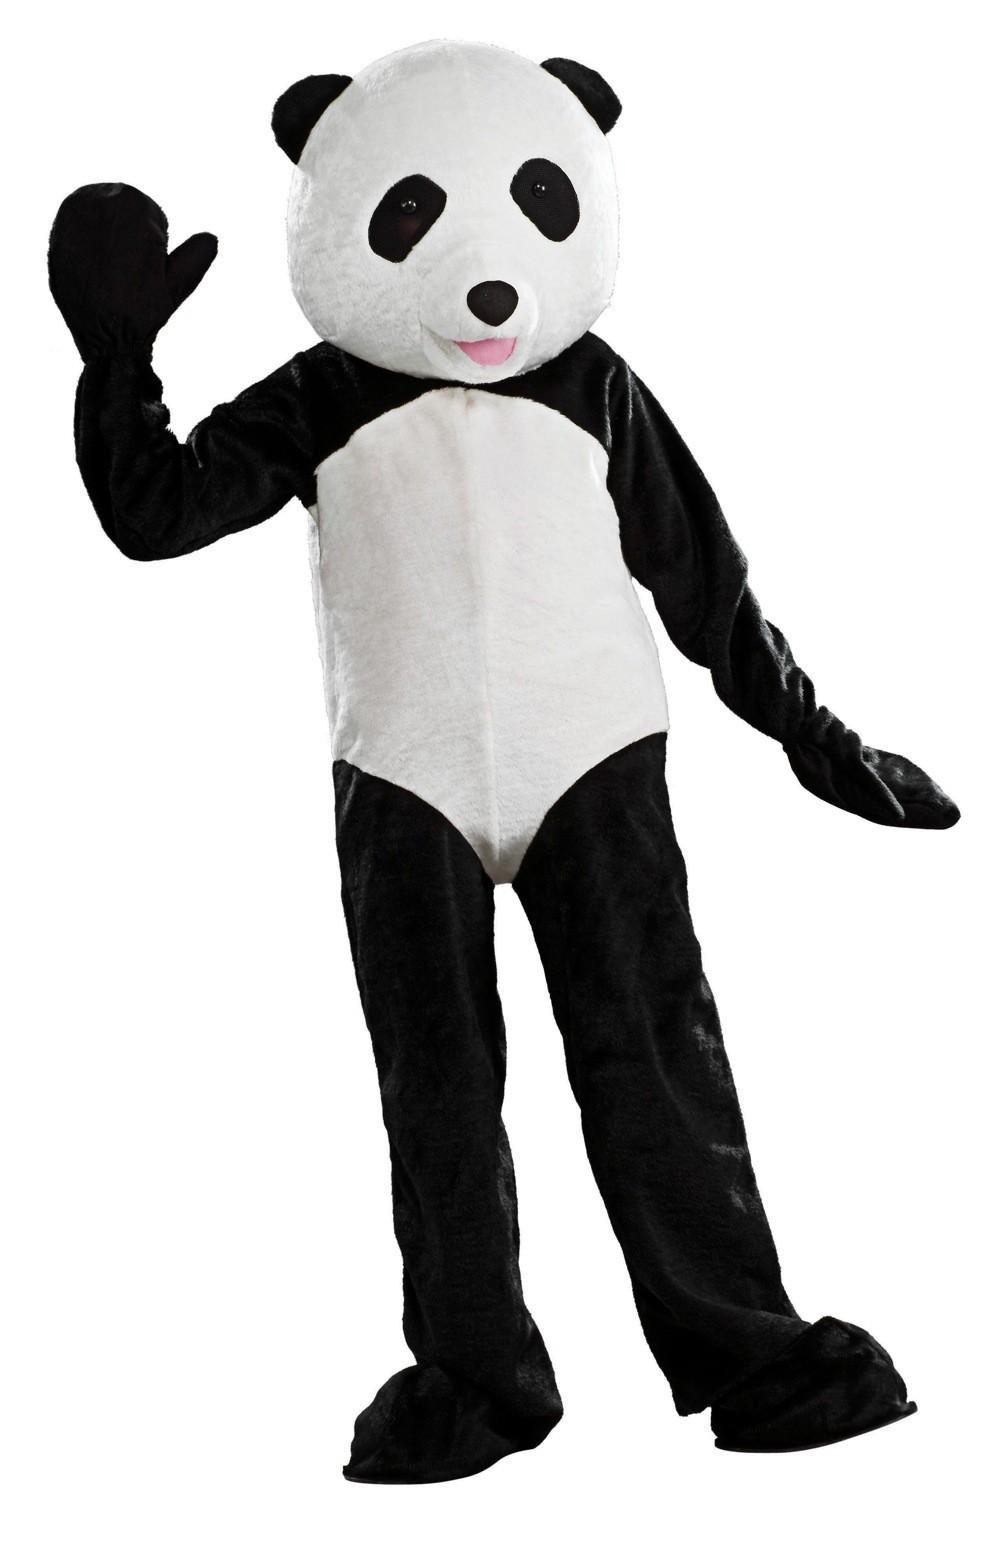 d guisement mascotte panda vente de d guisements d guisement animaux et d guisement mascotte panda. Black Bedroom Furniture Sets. Home Design Ideas